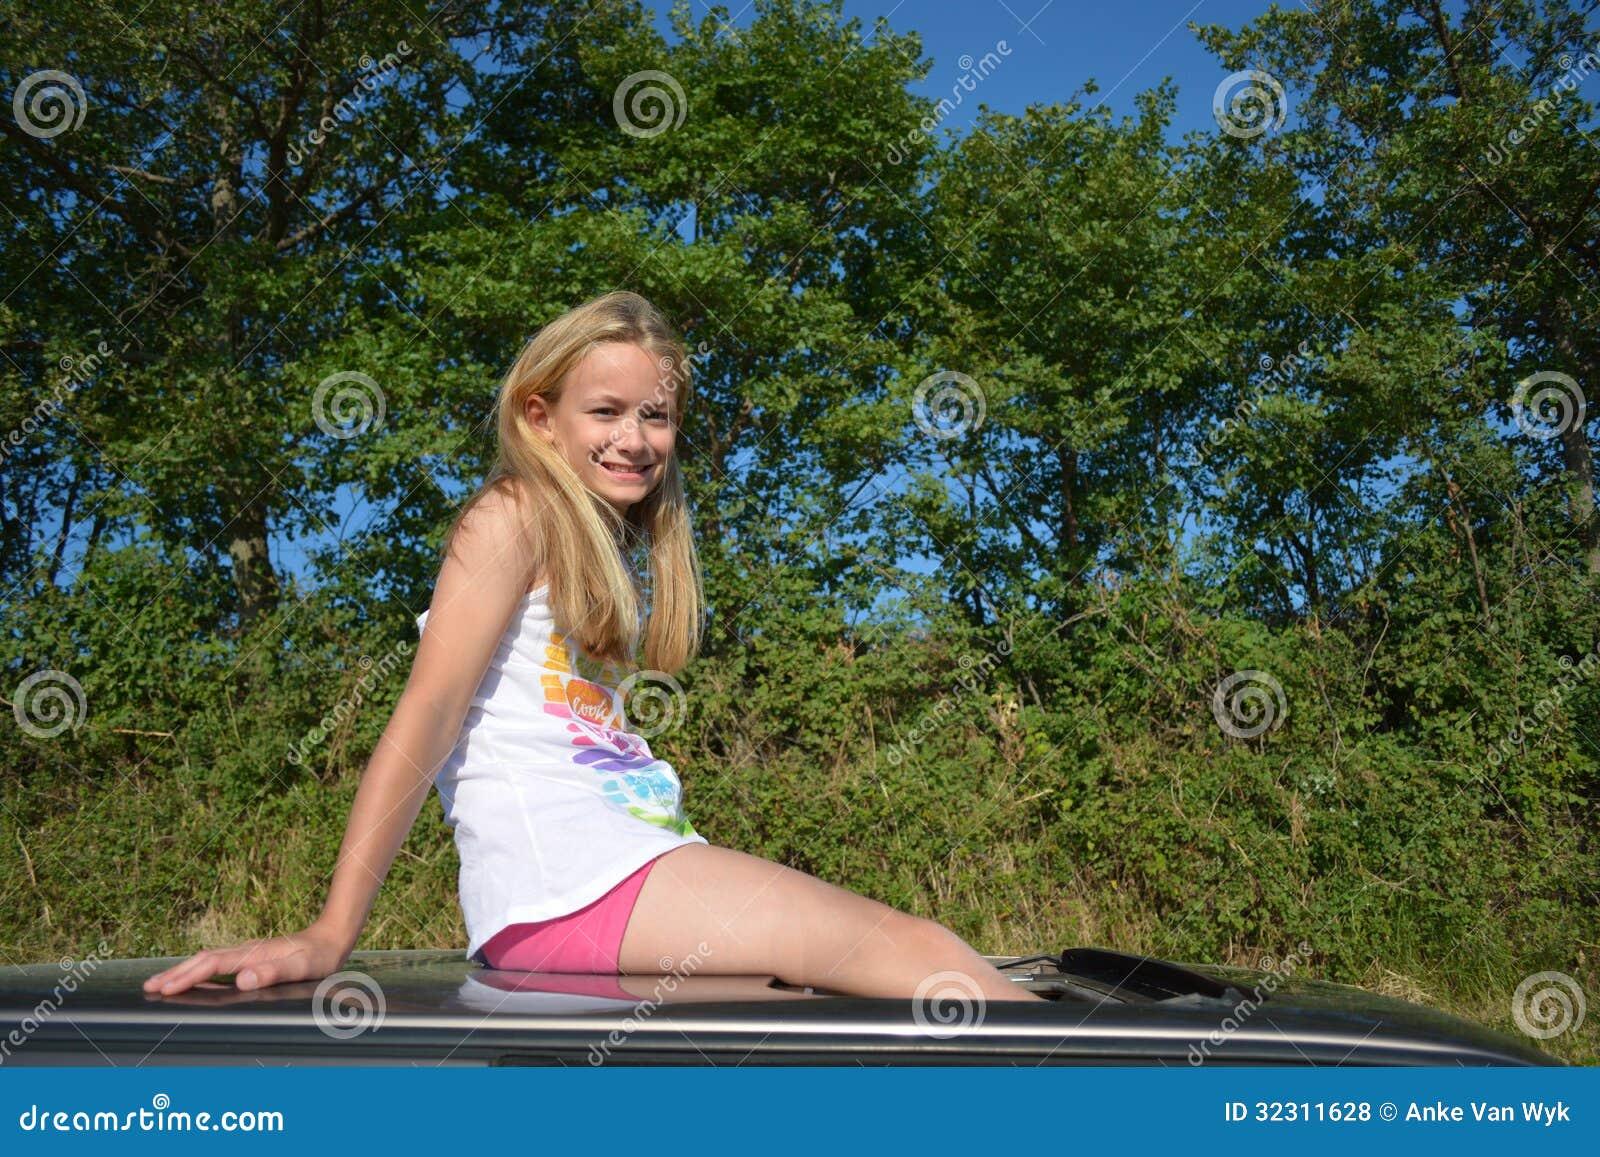 nude chav amateur teen